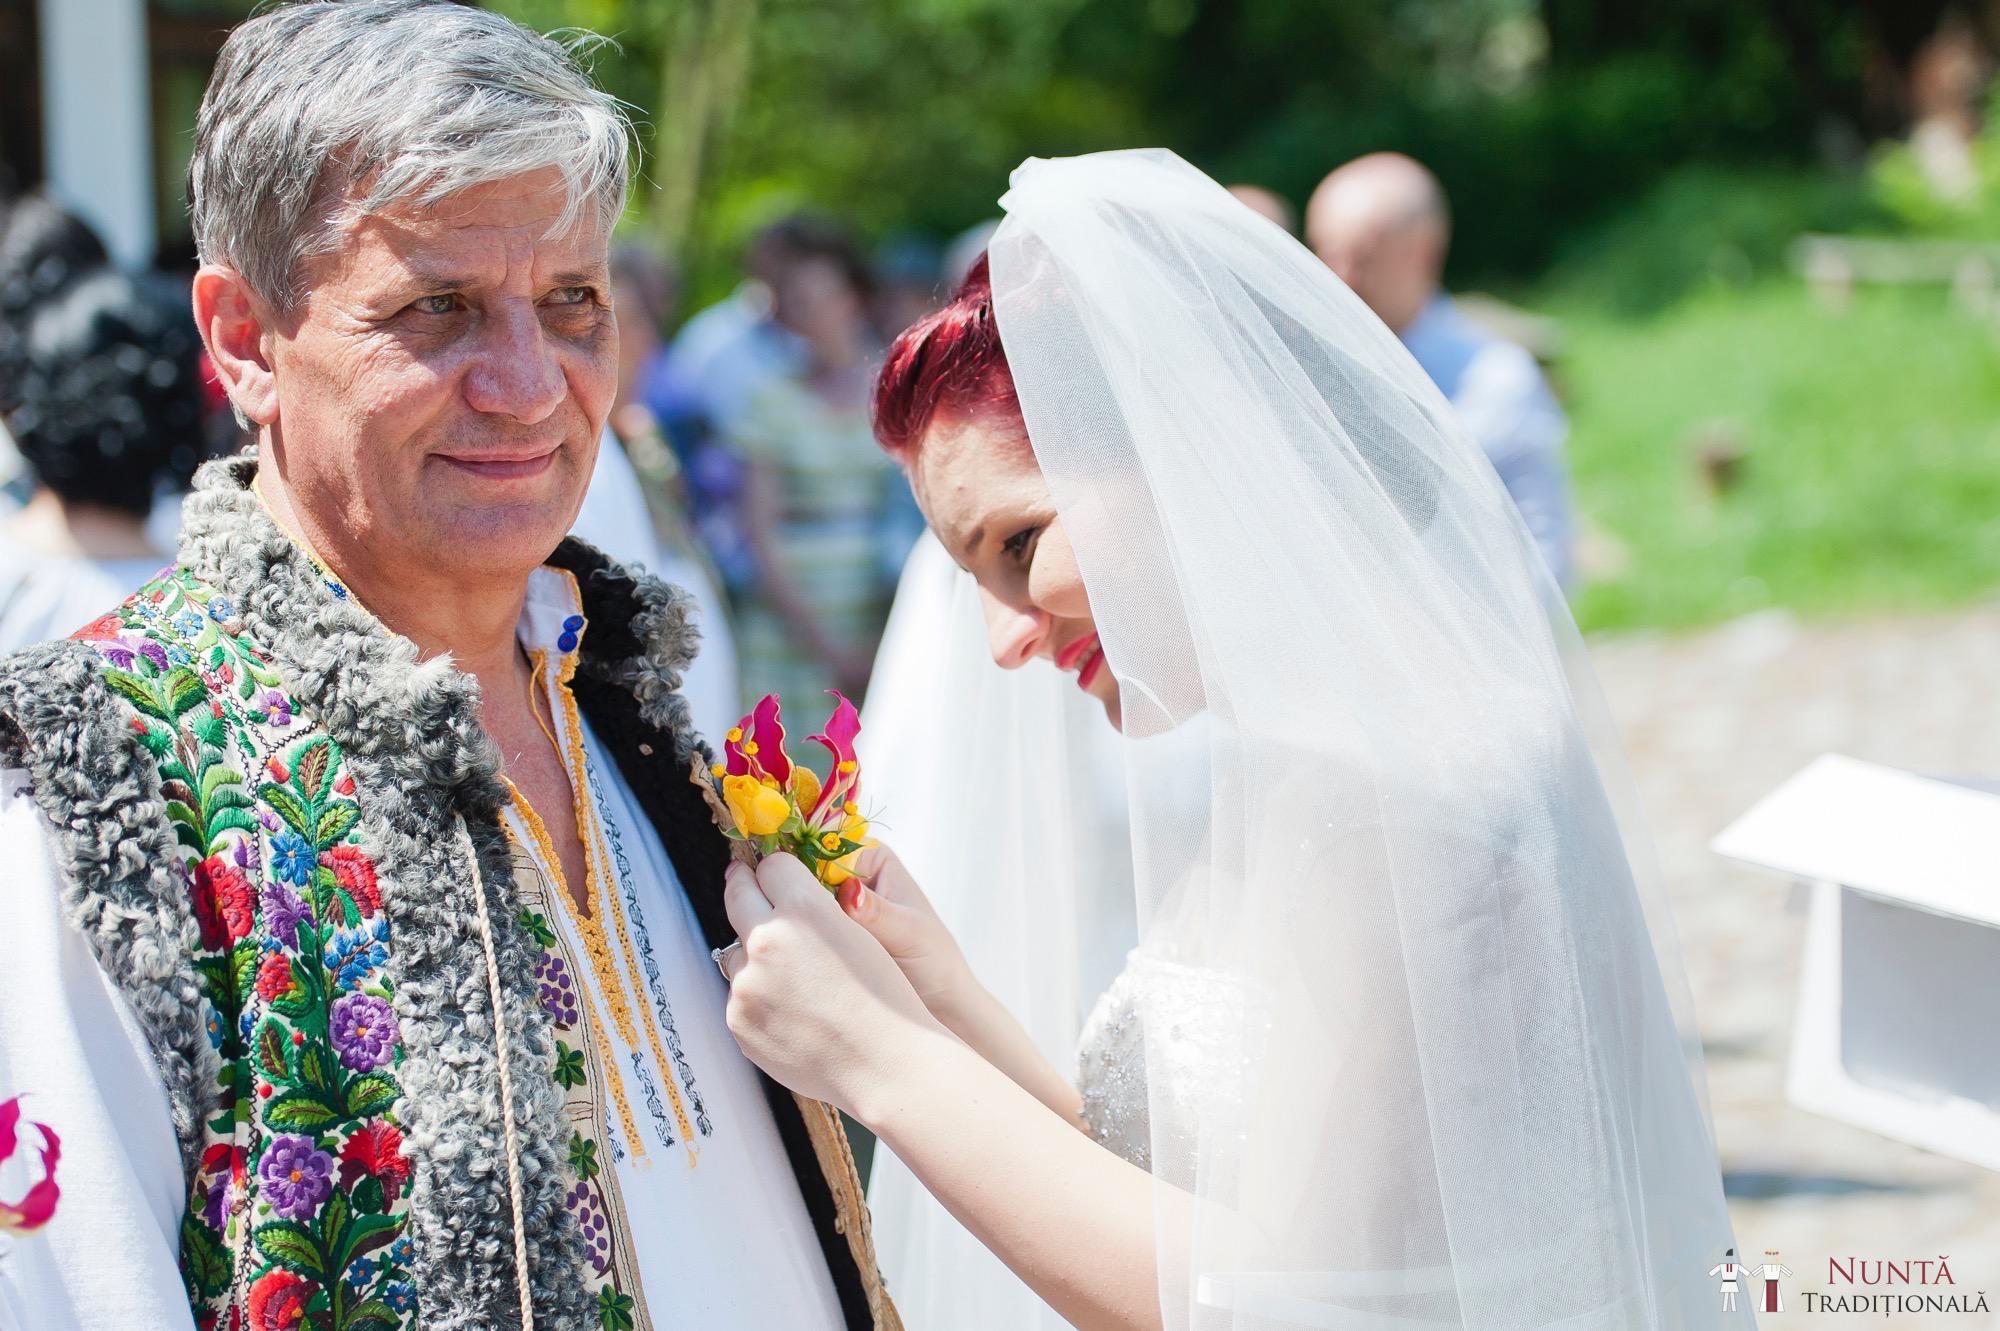 Povești Nunți Tradiționale - Gabriela și Mădălin - Nuntă Tradițională în Suceava, Bucovina 81